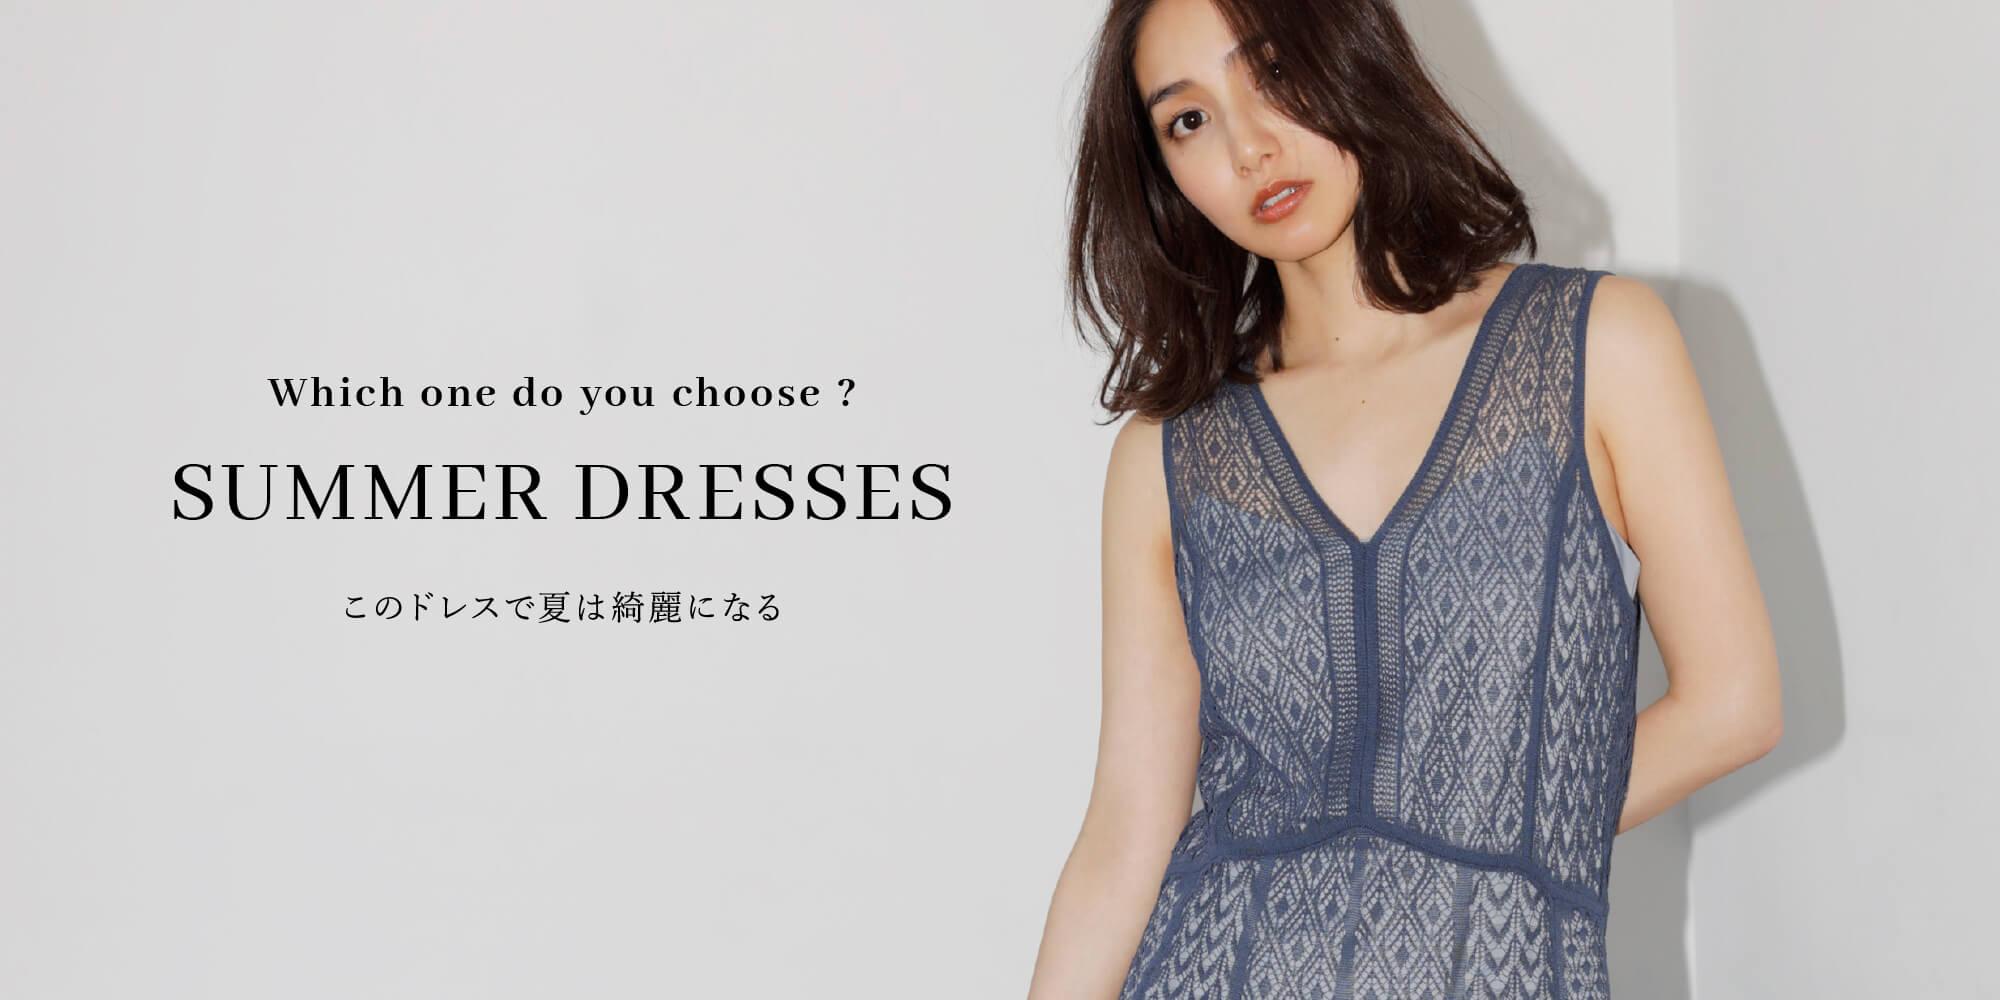 SUMMER DRESSES このドレスで夏は綺麗になる